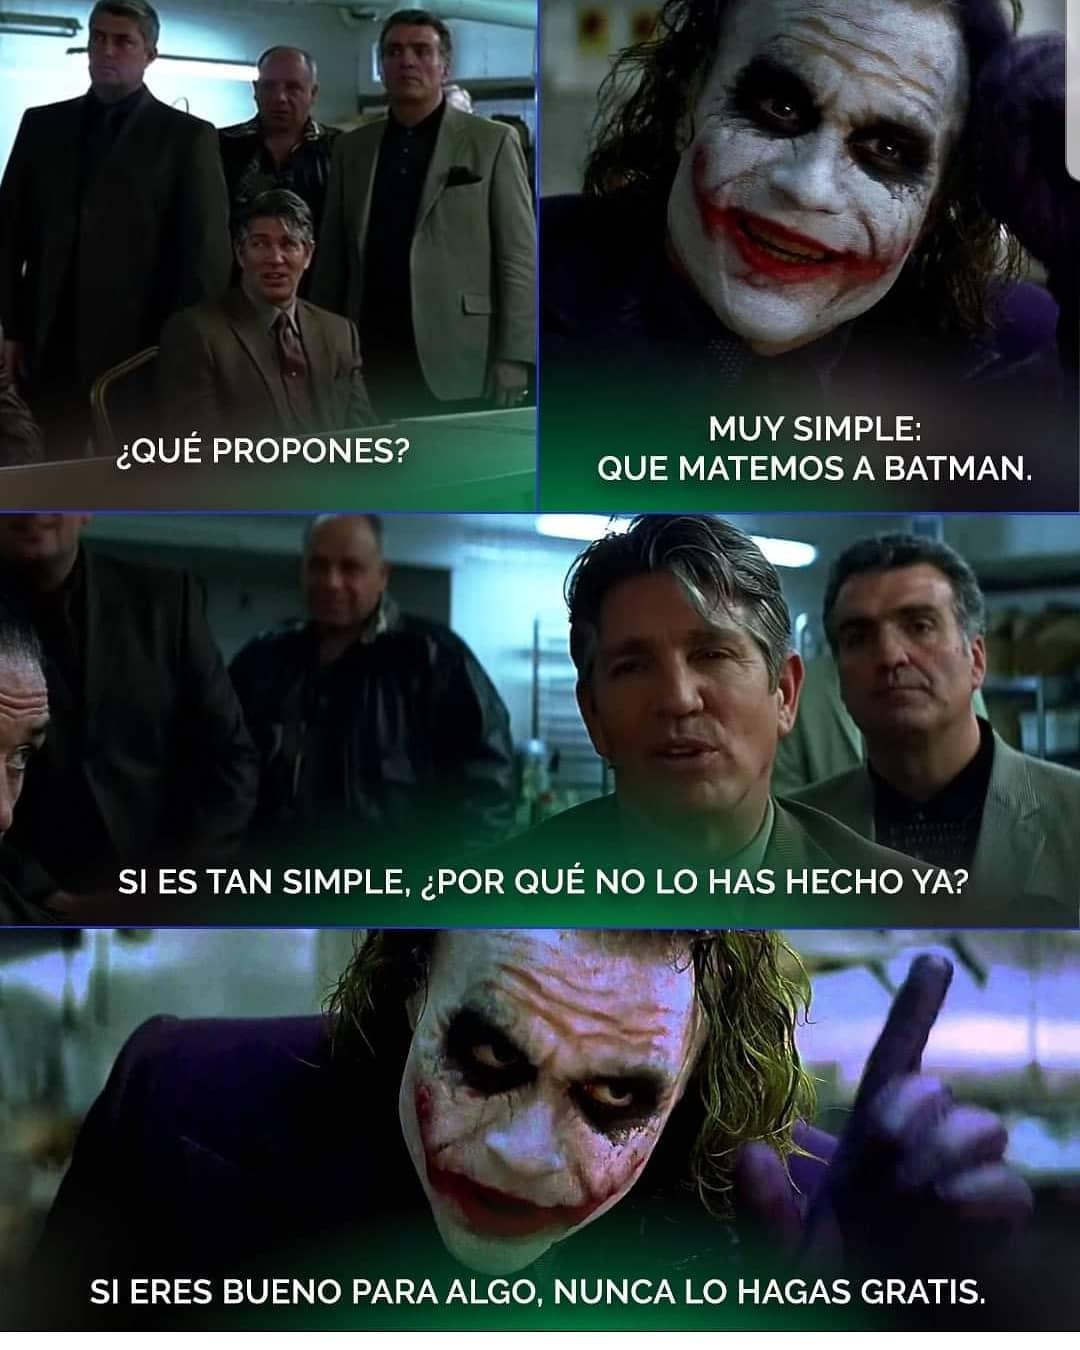 ¿Qué propones?  Muy simple: Que matemos a Batman.  Si es tan simple,  ¿por qué no lo has hecho ya?  Si eres bueno para algo, nunca lo hagas gratis.